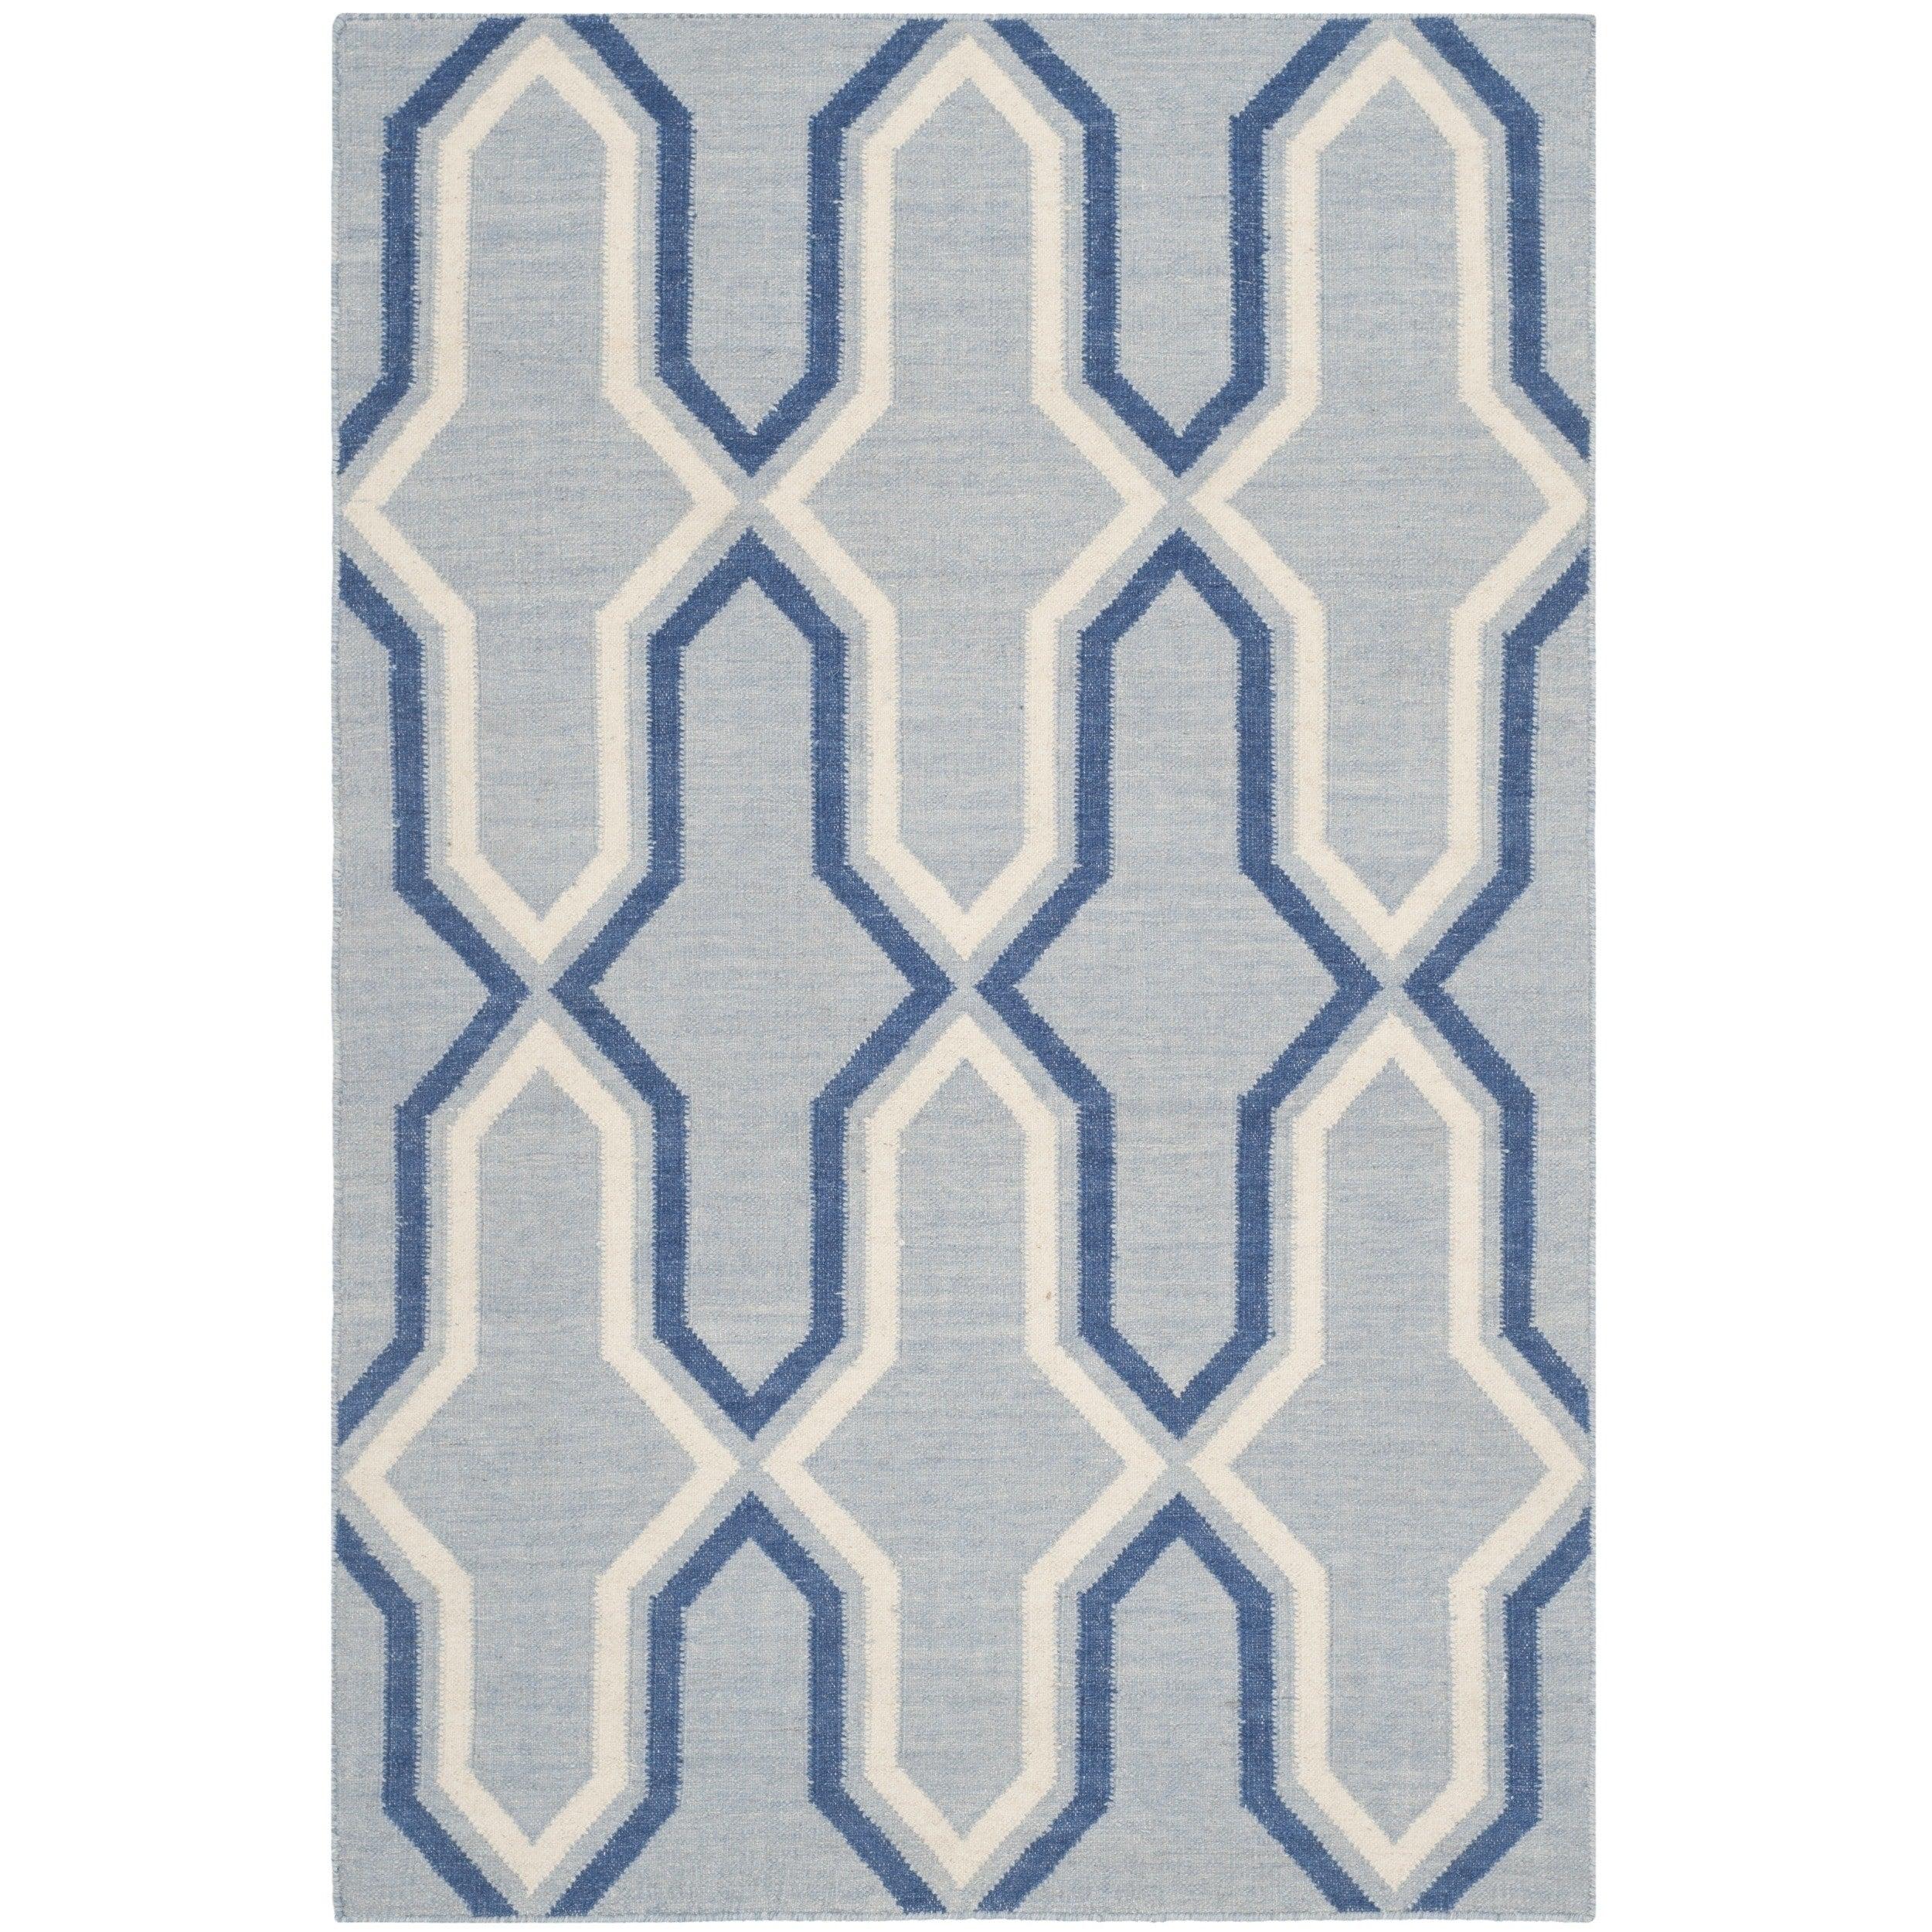 Safavieh-Hand-woven-Reversible-Dhurries-Light-Blue-Dark-Blue-Wool-Rug-5-x-8-fd31634a-25c5-4c8f-938c-81b0ba498f36.jpg